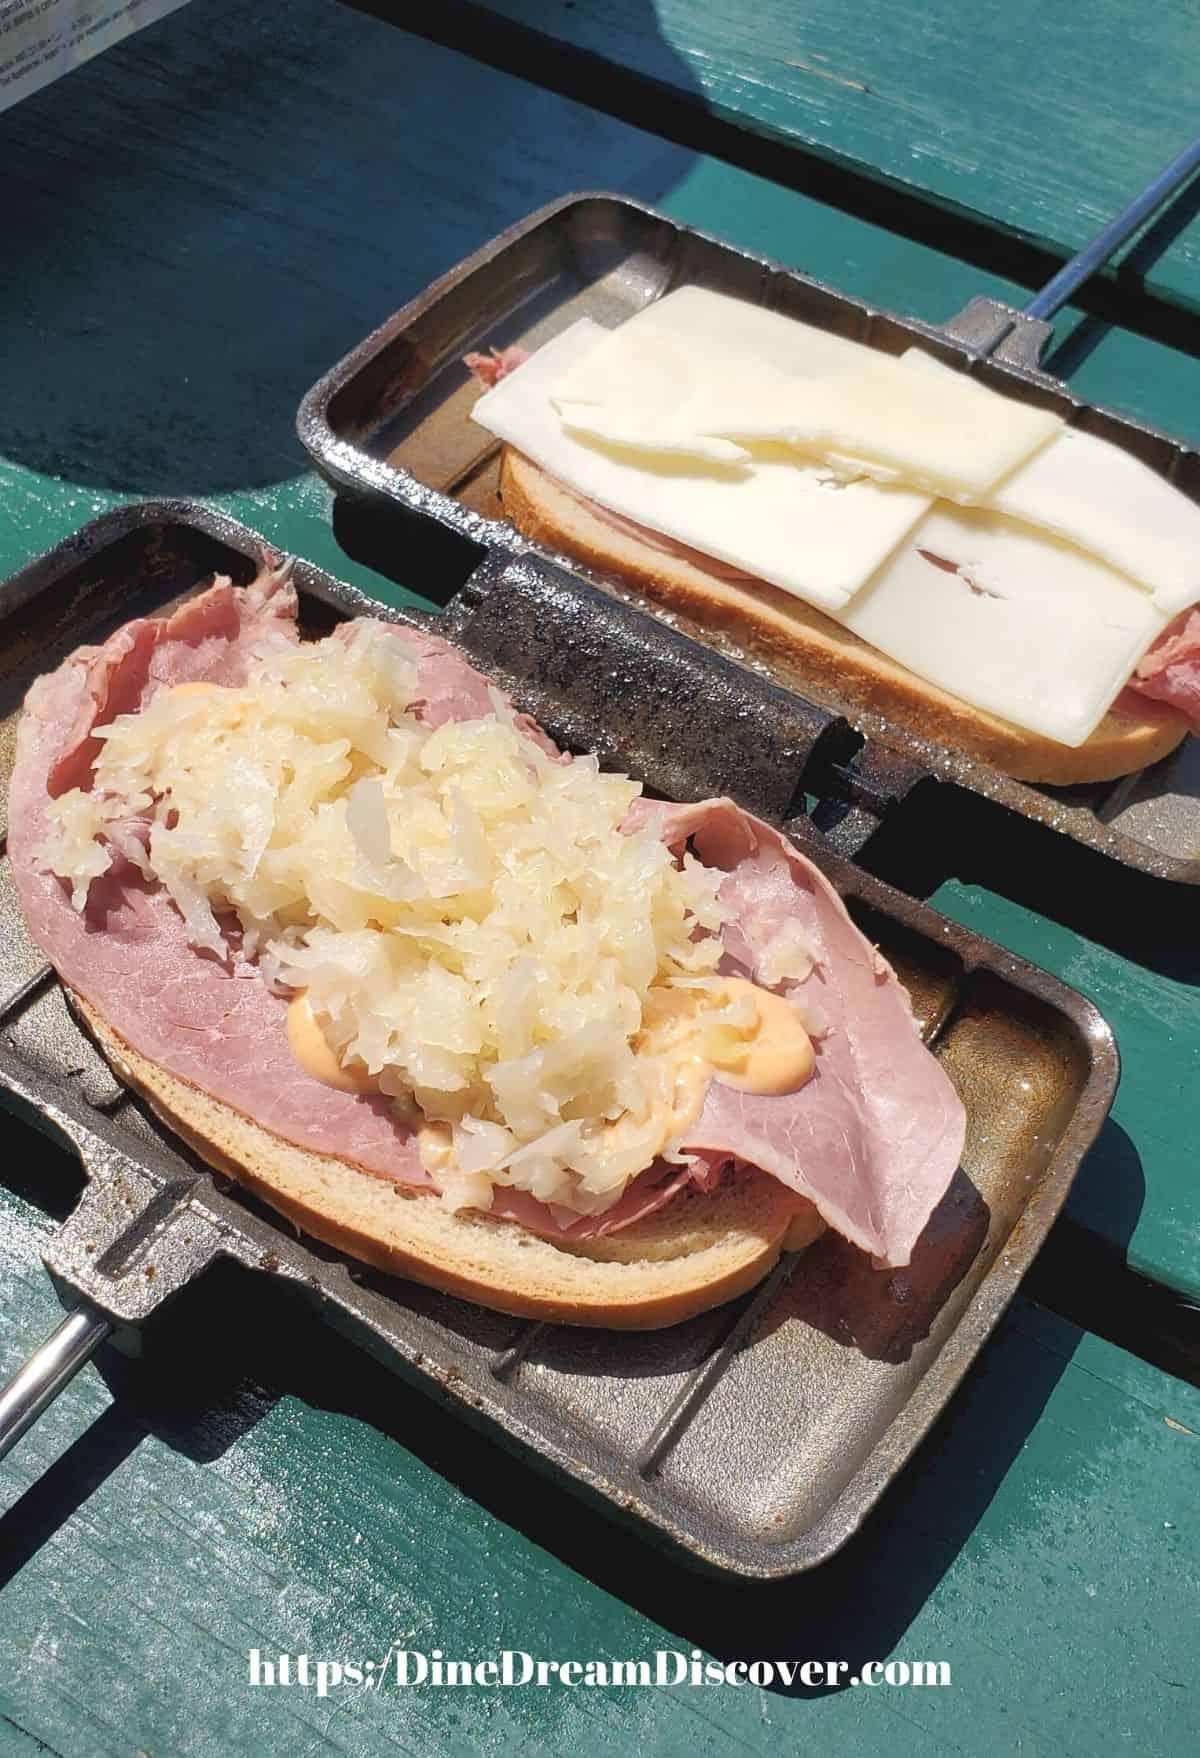 sauerkraut and swiss cheese on rye bread